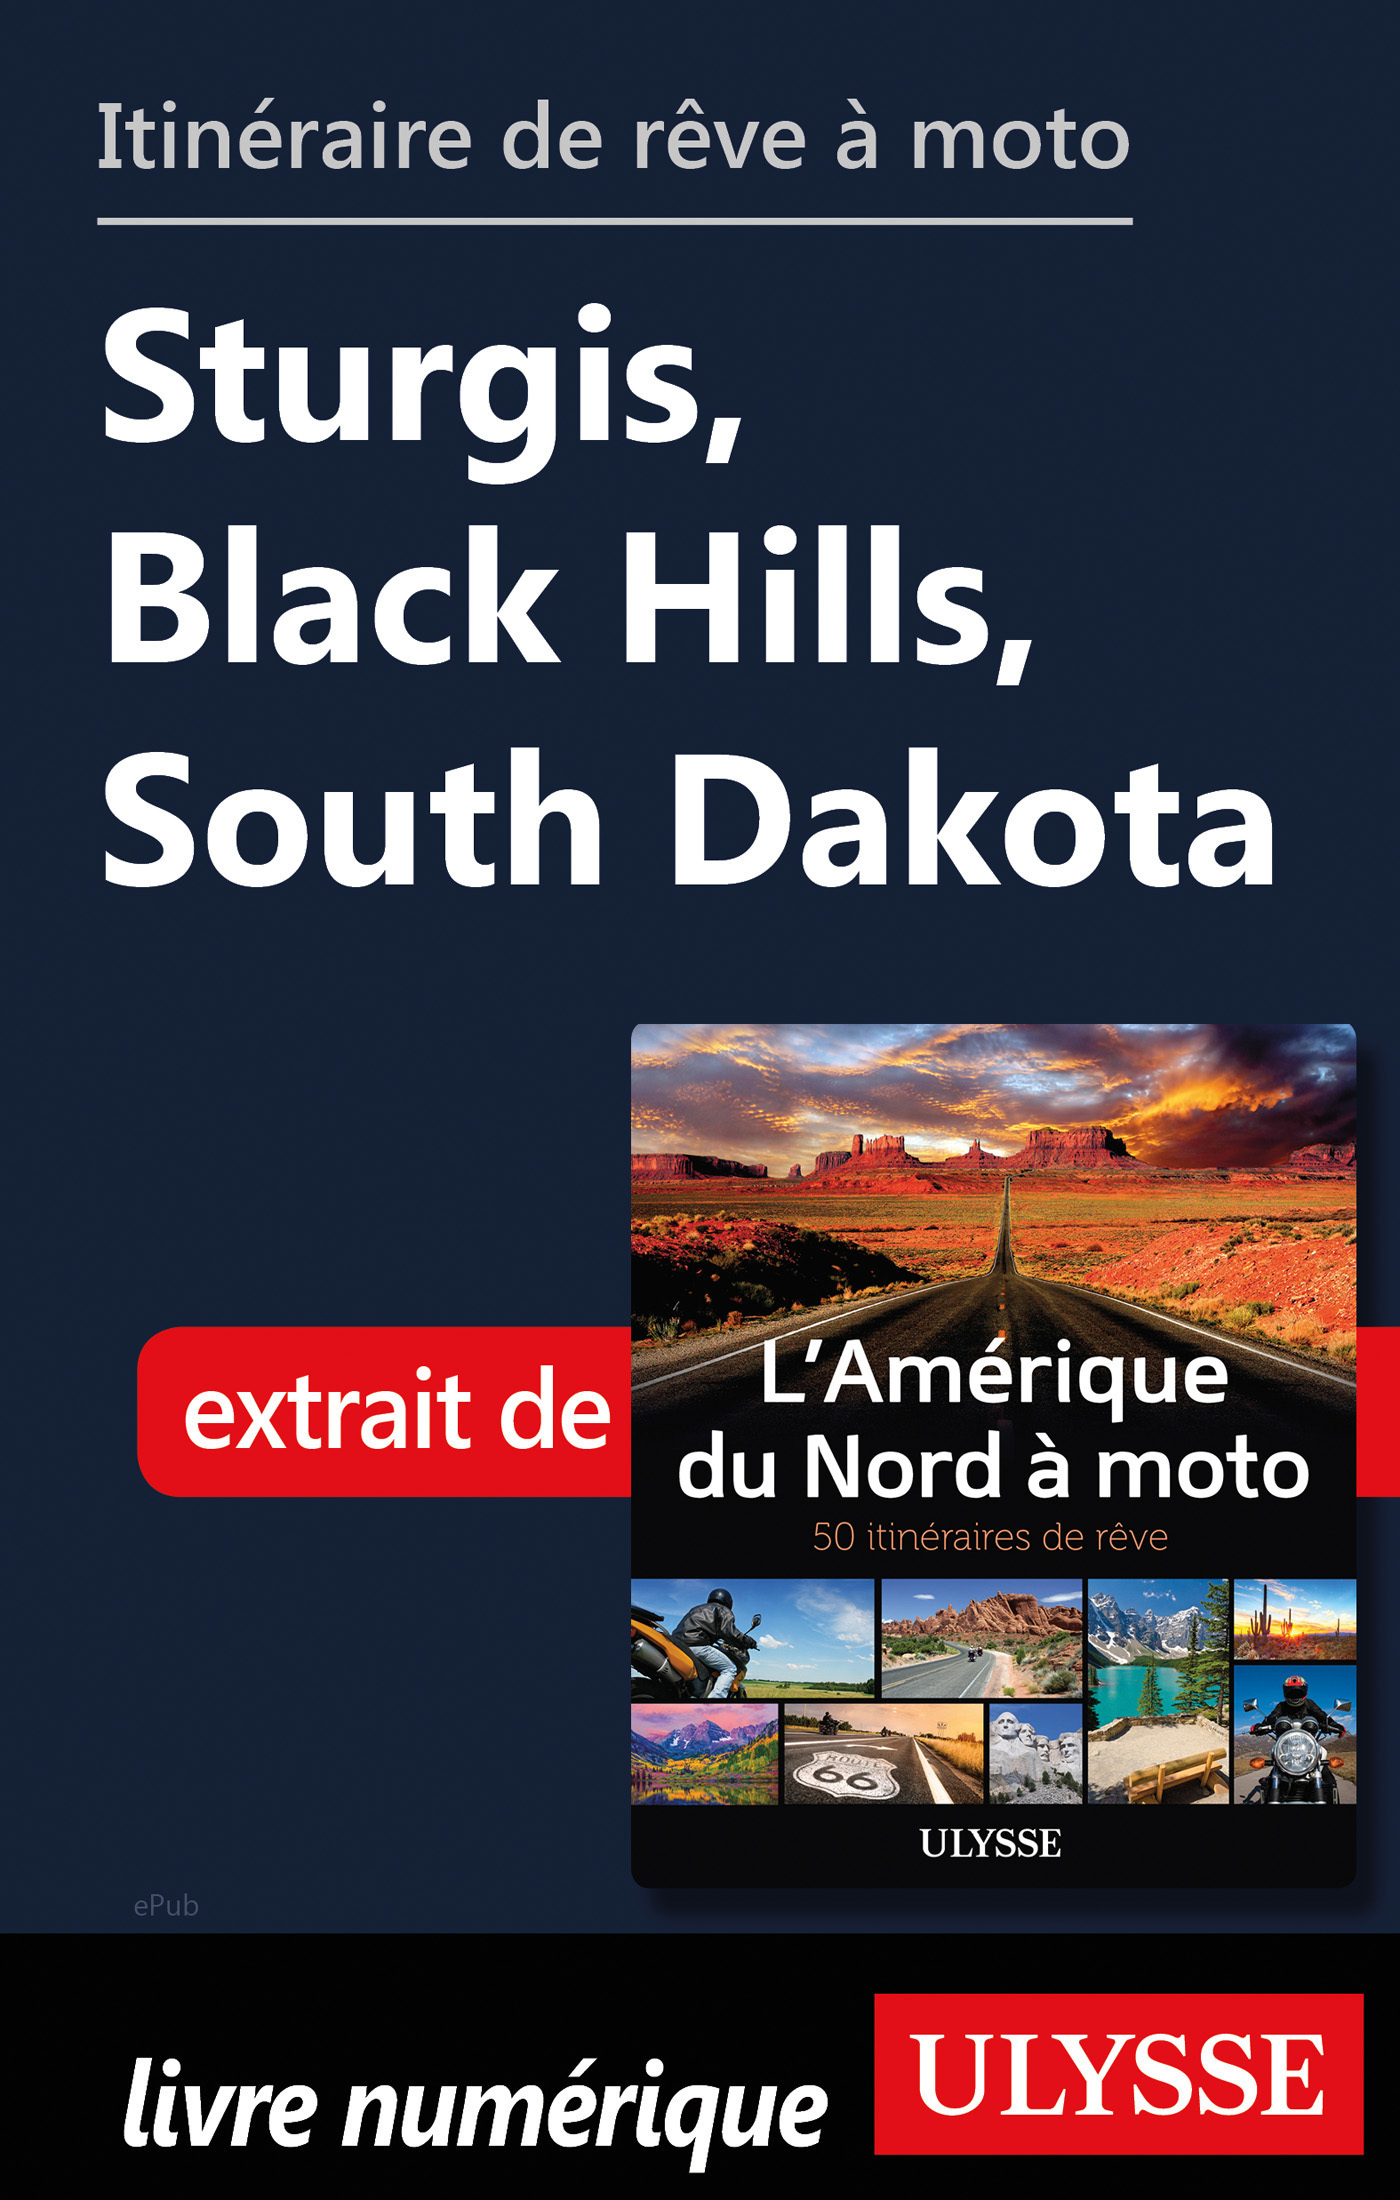 Itinéraire de rêve à moto - Sturgis, Black Hills, South Dakota